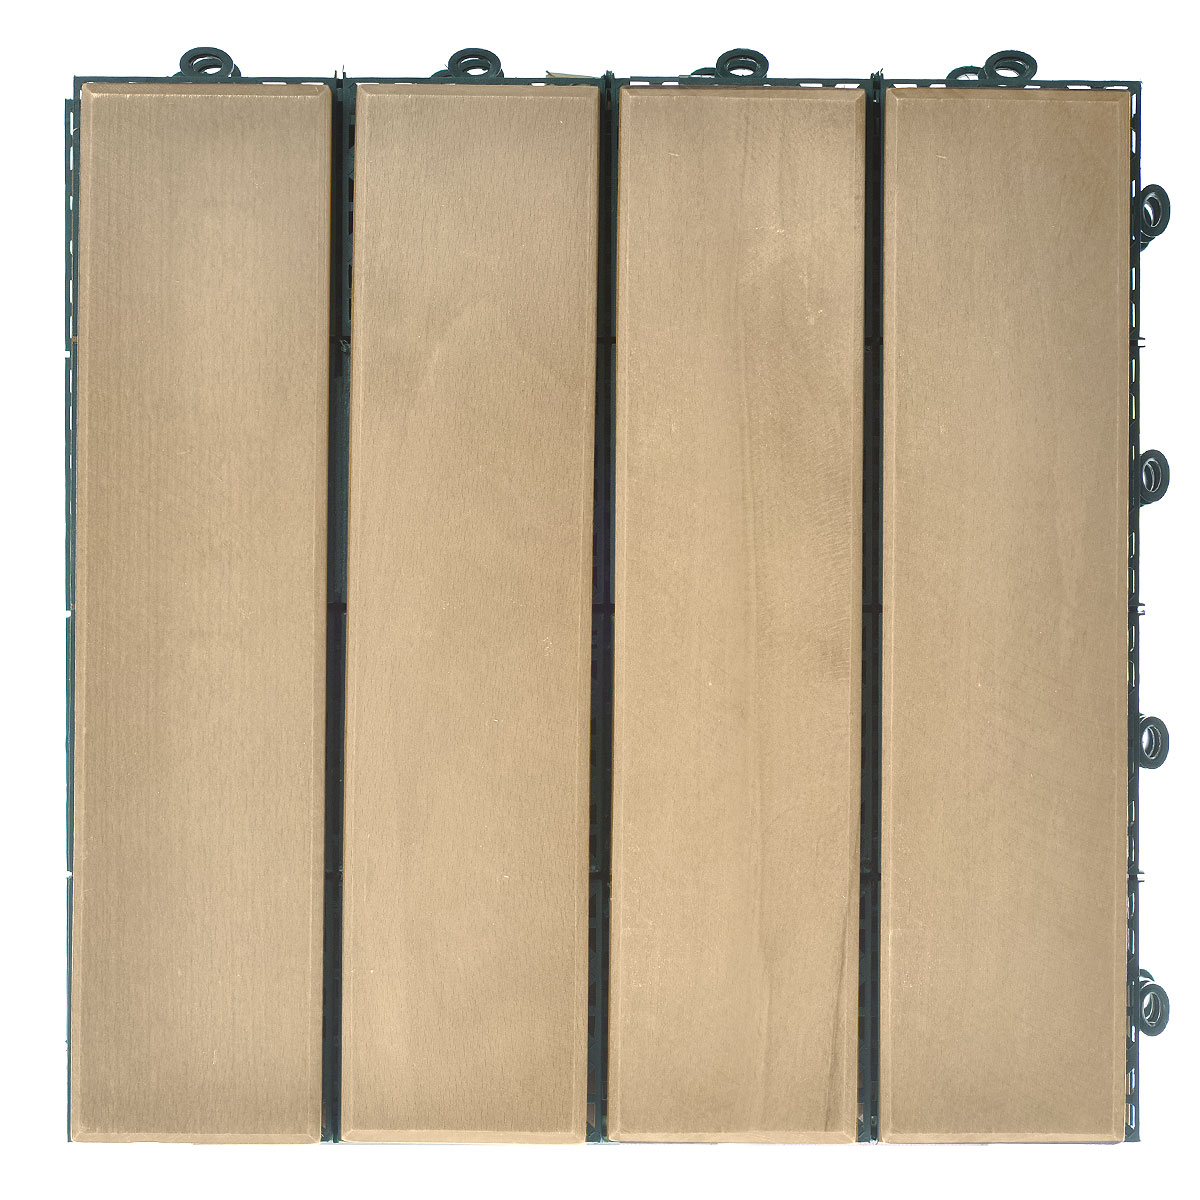 Покрытие Konex Декинг, цвет: бук, 30 см х 30, 4 шт09840-20.000.00Покрытие Konex Декинг состоит из 4 секций, изготовленных из высококачественного дерева, основа выполнена из полипропилена. Покрытие предназначено для создания дополнительного (отделочного) слоя пола в различных помещениях бытового и хозяйственного назначения (коридоры, веранды, сауны и бани, ванные комнаты, балконы), а также для быстрого обустройства открытых площадок и дорожек (спортивные и детские площадки, зоны отдыха, садовые дорожки, террасы, палубы, причалы, бассейны) на подготовленных площадях.Размер секции: 30 см х 30 см х 3 см.Количество секций: 4 шт.